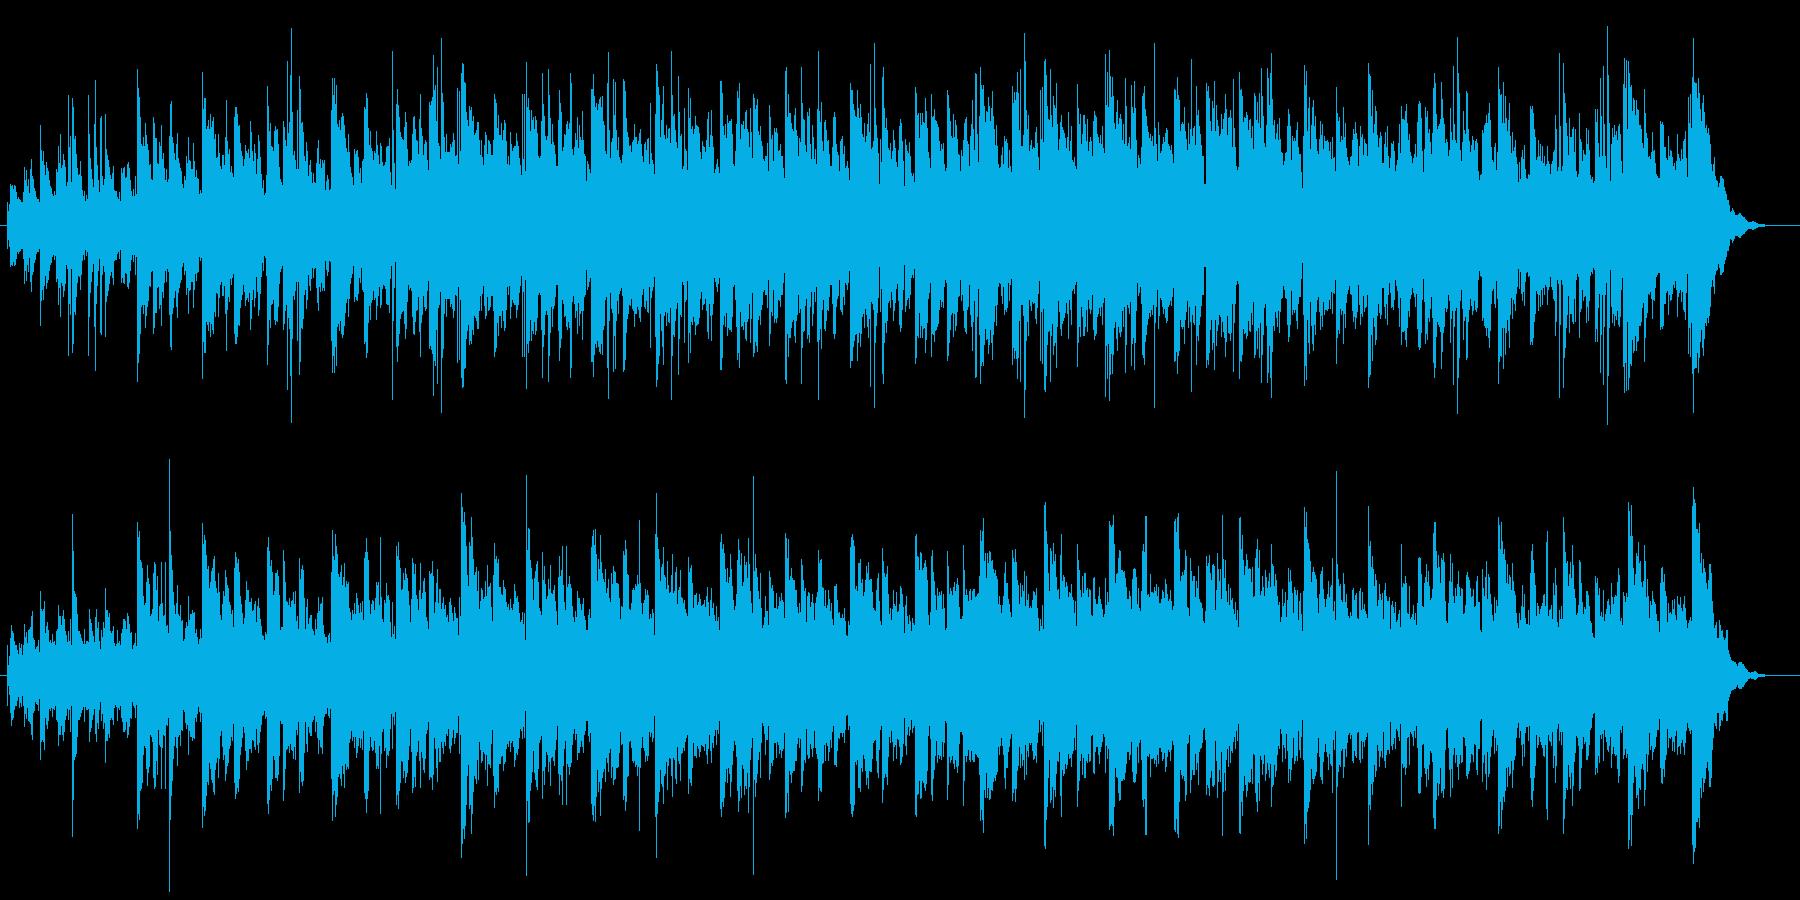 幻想的で神聖なヒーリングミュージックの再生済みの波形